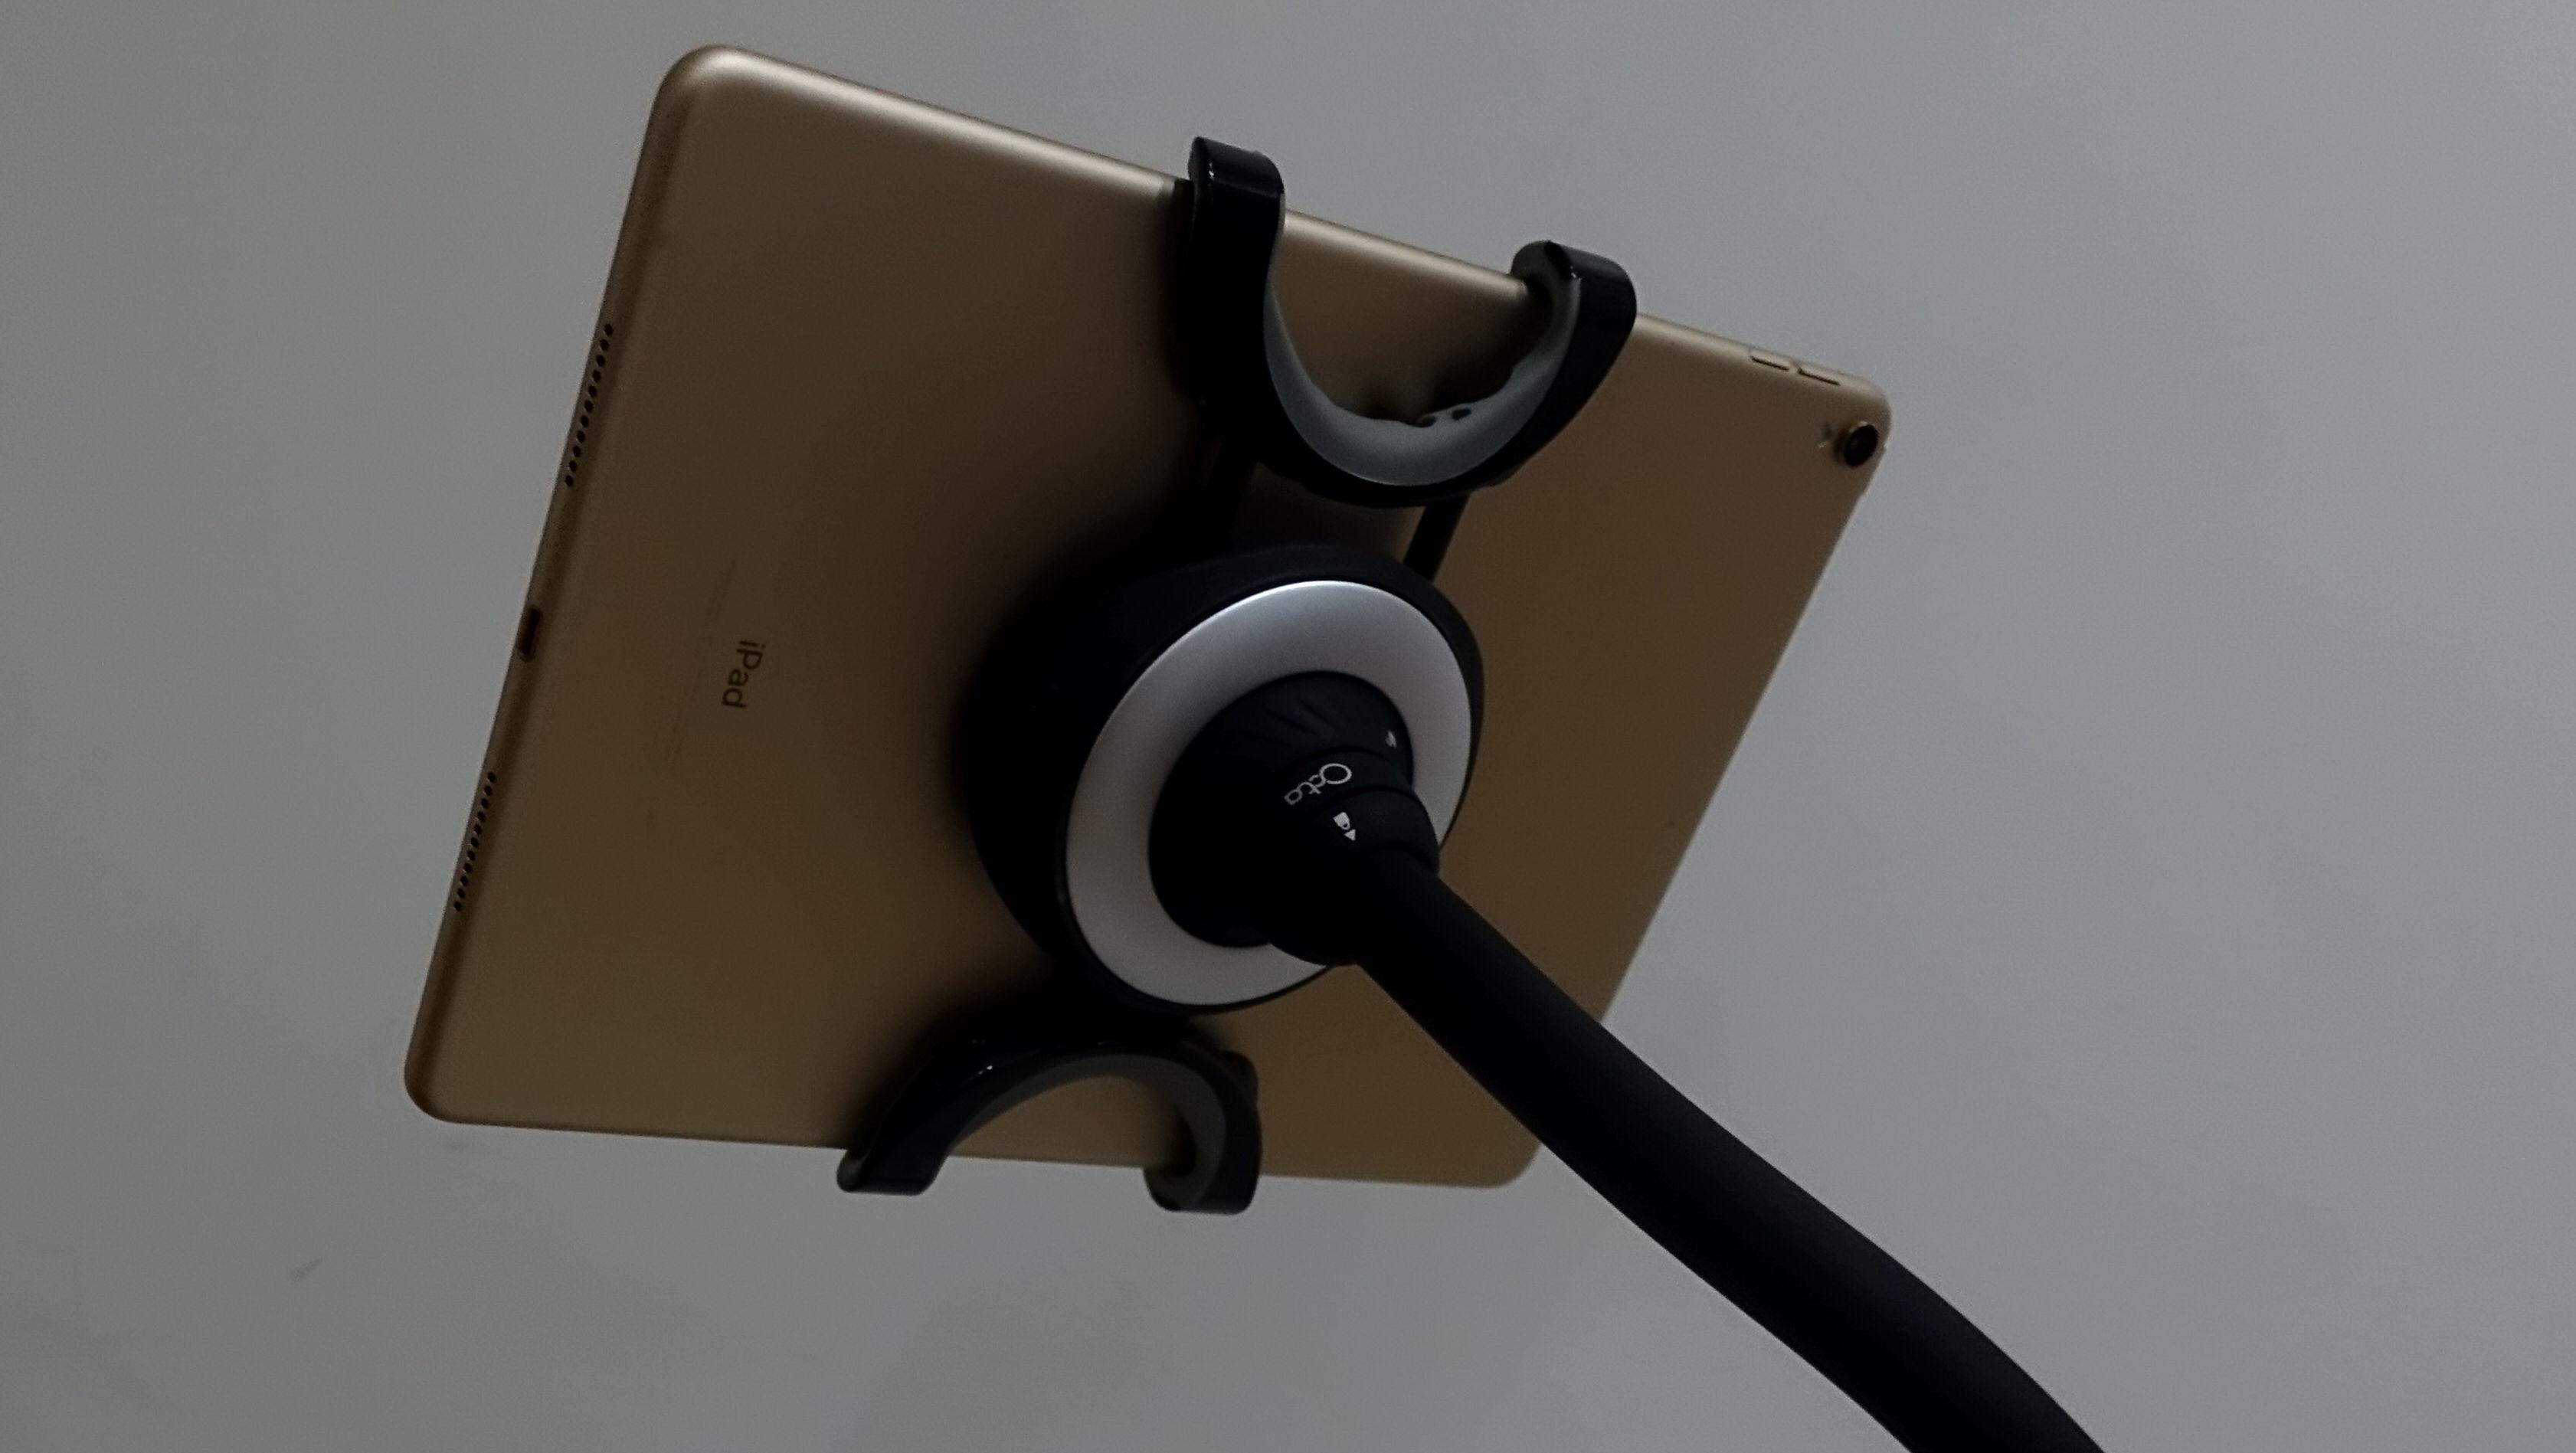 Octa Spider Monkey er mitt favorittkjøp fordi den gjør iPad-en mye mer fleksibel noe som innebærer at jeg bruker Apples nettbrett mye mer enn uten.